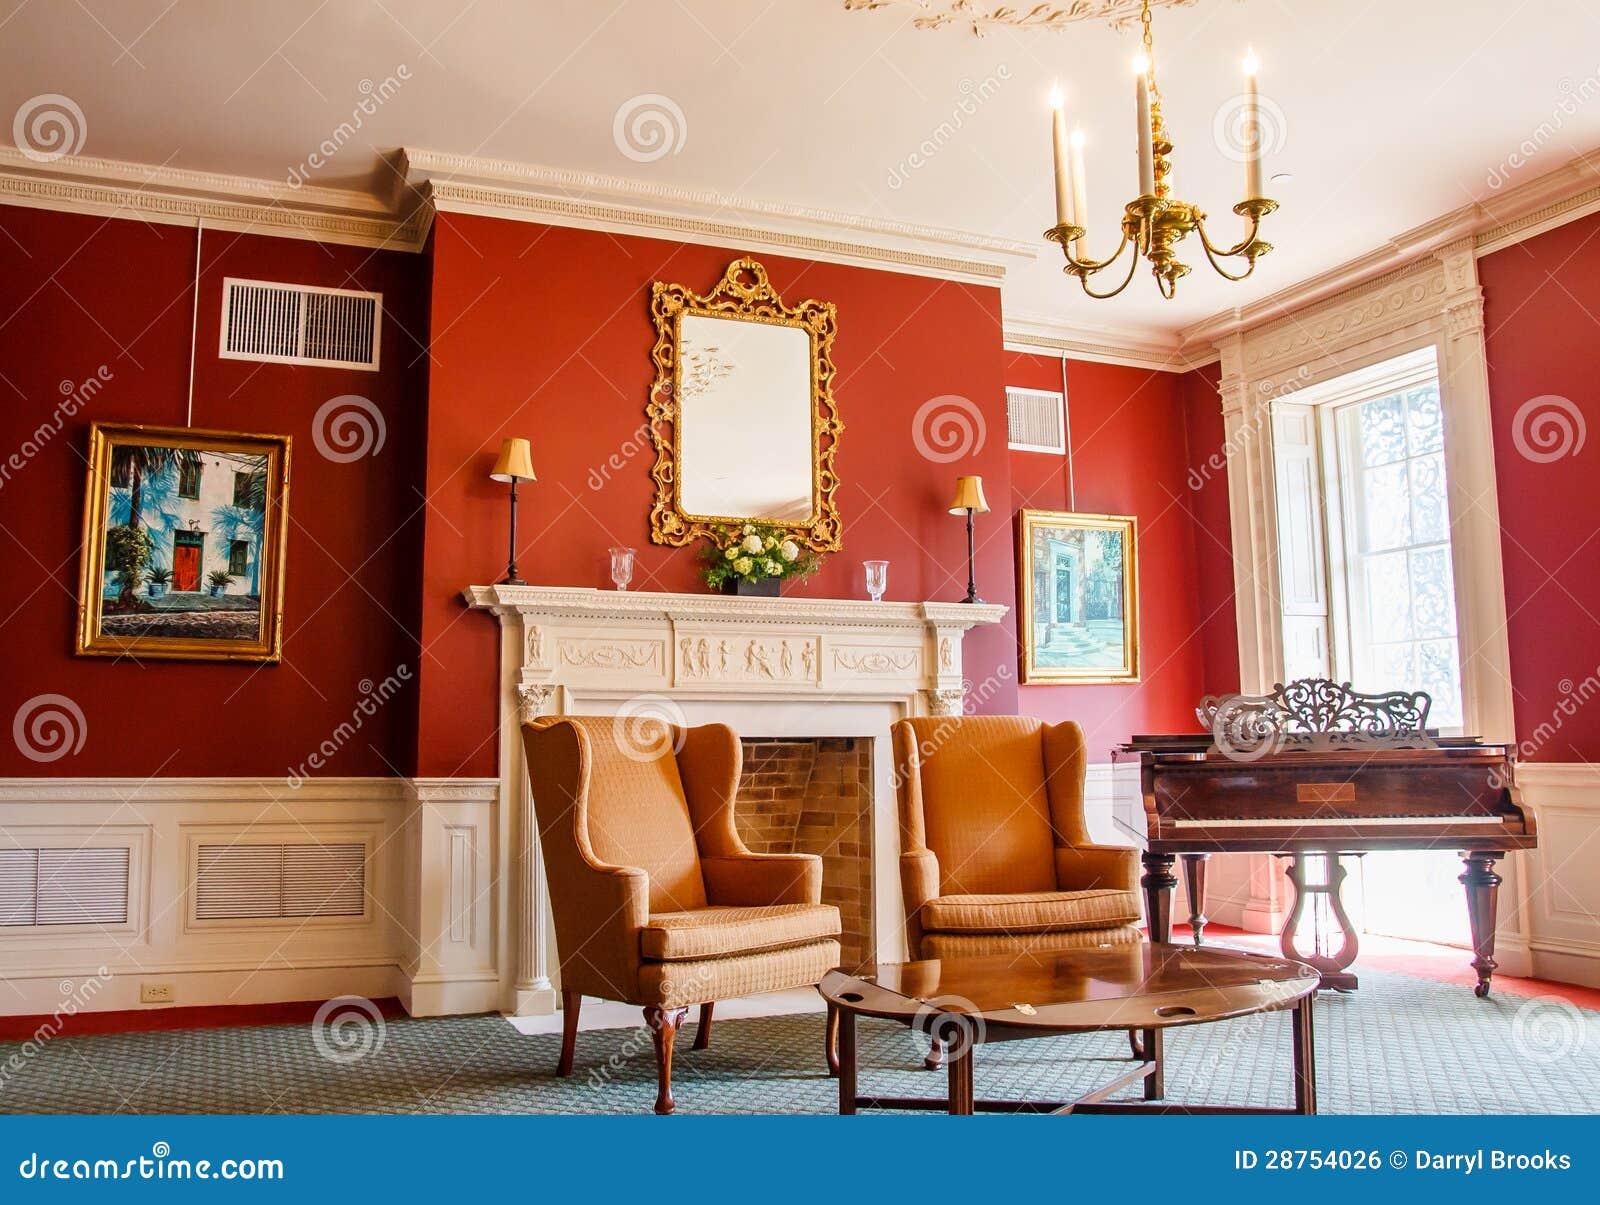 klassisches wohnzimmer mit klavier lizenzfreies stockbild bild 28754026. Black Bedroom Furniture Sets. Home Design Ideas